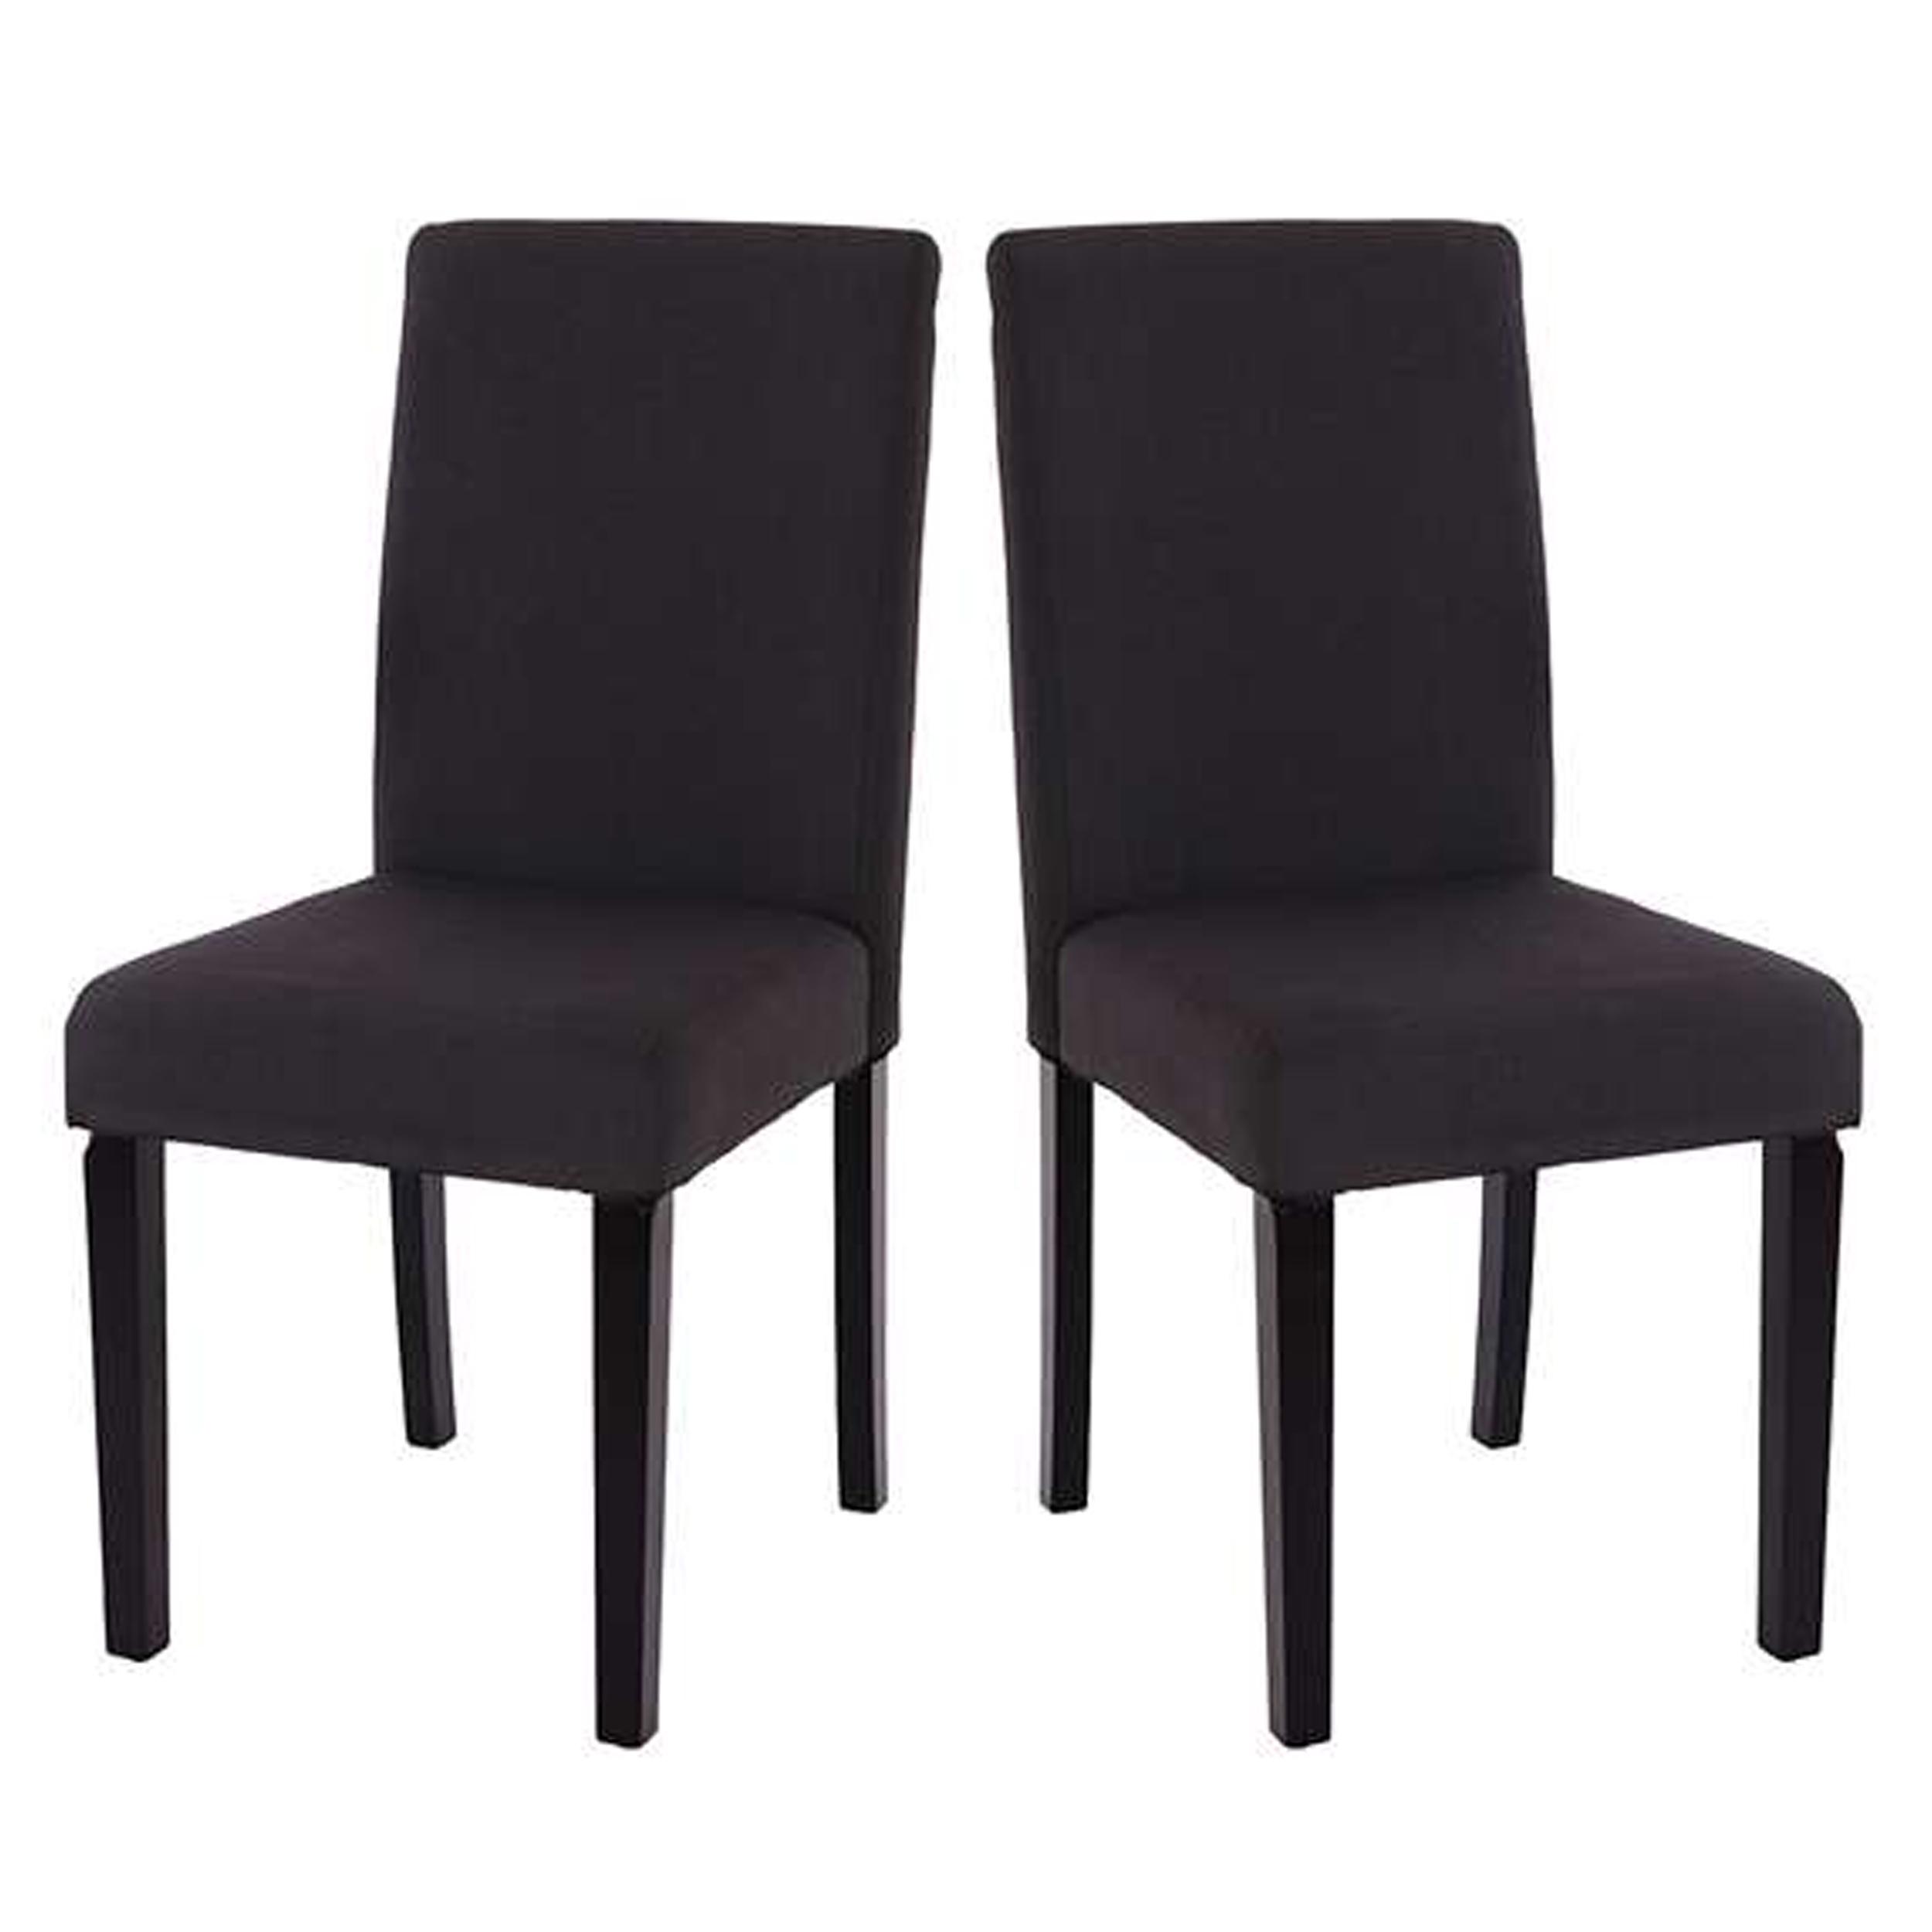 Las mejores sillas tapizadas para el comedor for Sillas de tela comedor